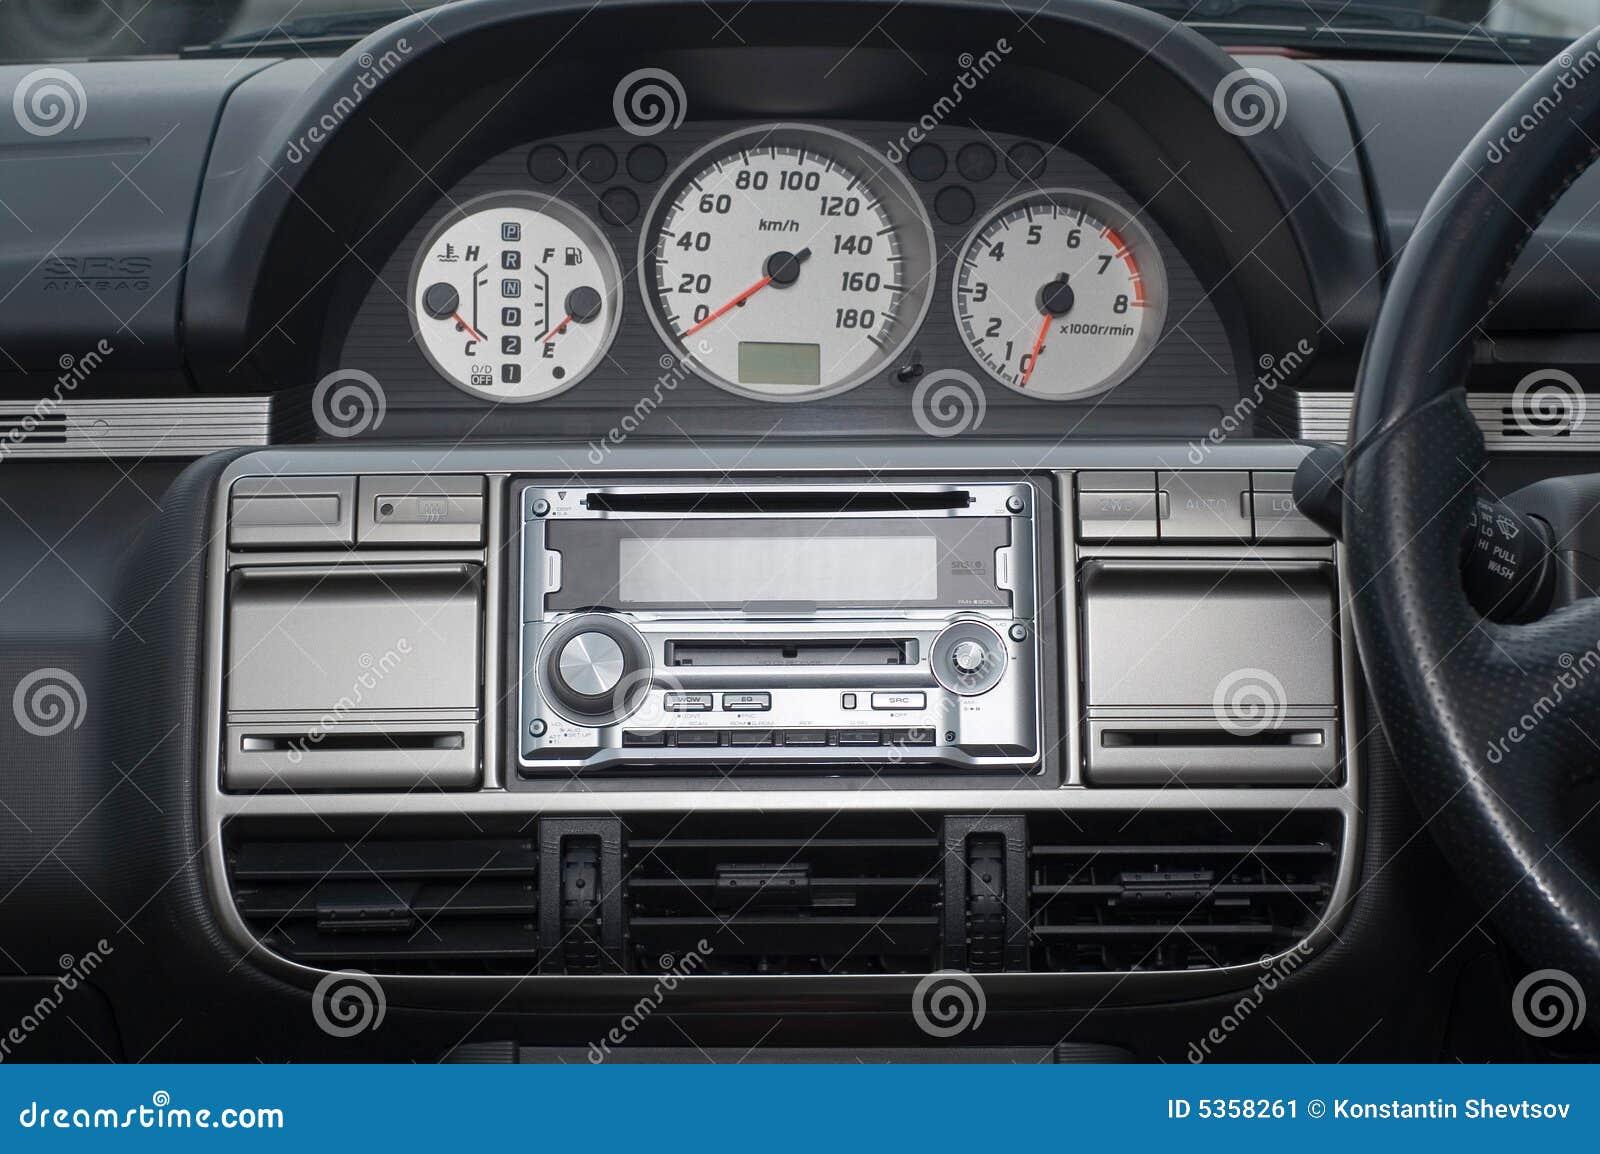 car interior stock image image 5358261. Black Bedroom Furniture Sets. Home Design Ideas